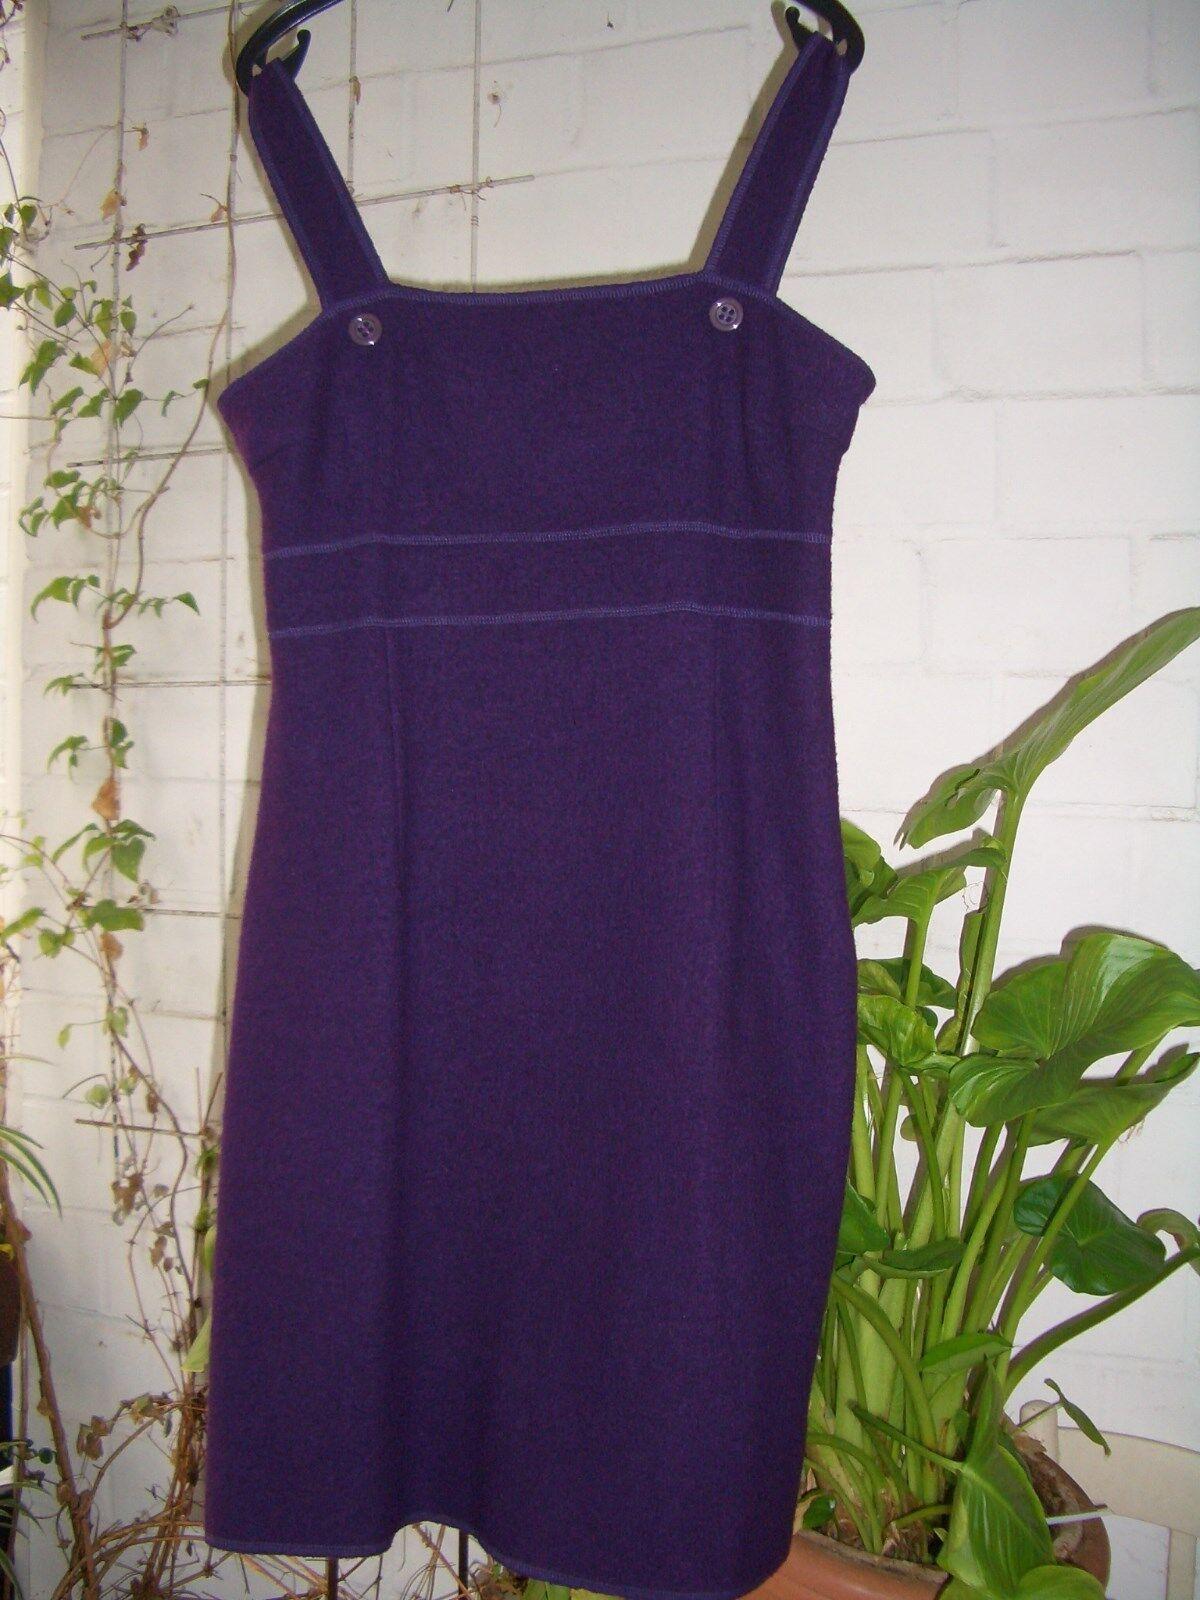 La rochelle Träger-Kleid Träger-Kleid Träger-Kleid mit Jacke - gekochte Wolle - lila Gr. 42 NW 9ad143